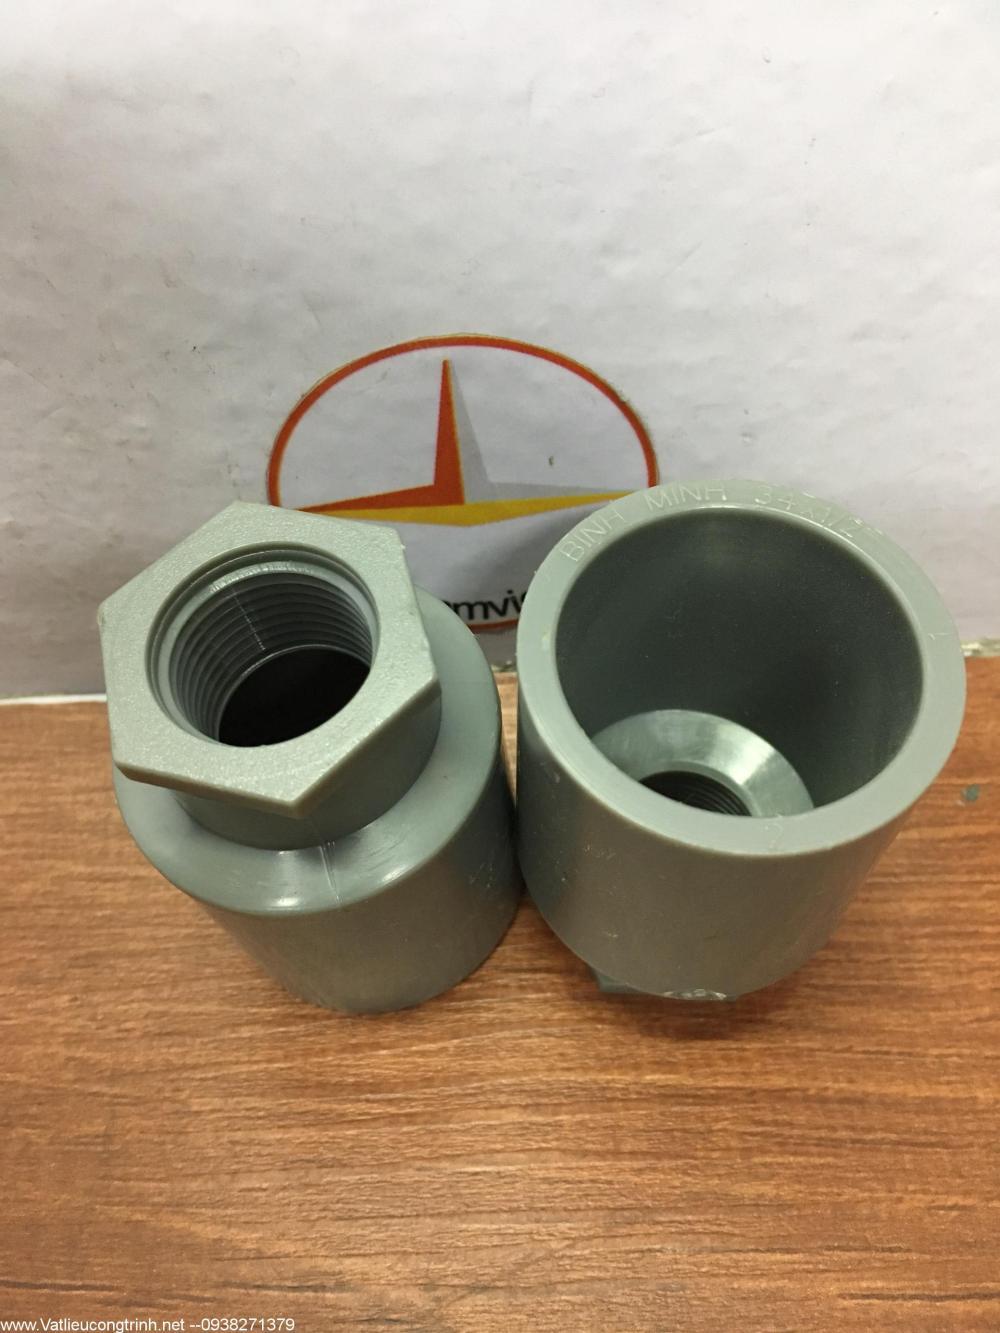 NOI REN TRONG 21 O 34 NHUA PVC BINH MINH (4)